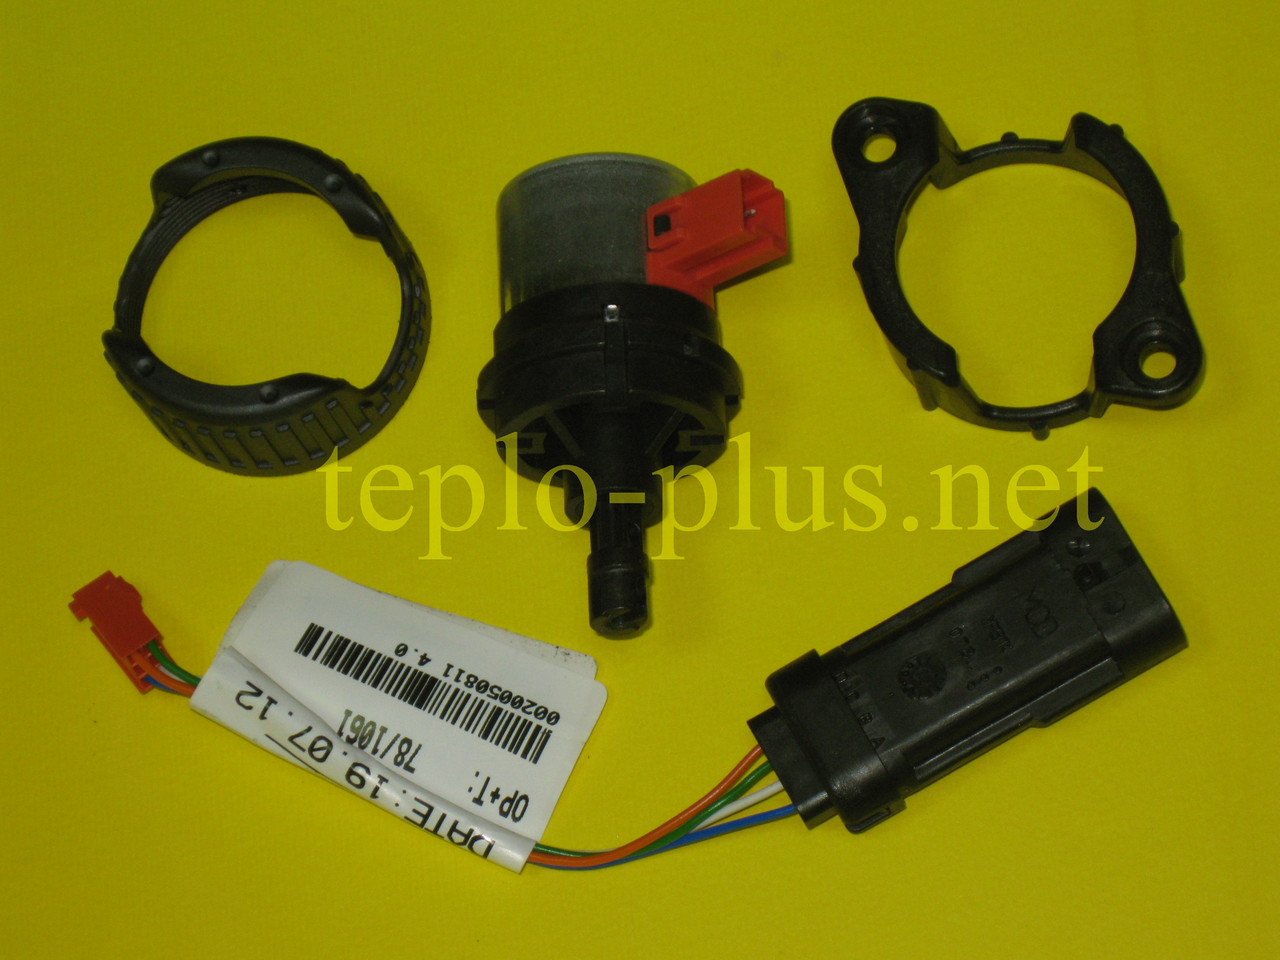 Электропривод (сервопривод) трехходового клапана Vaillant atmoTEC Pro / turboTEC Pro